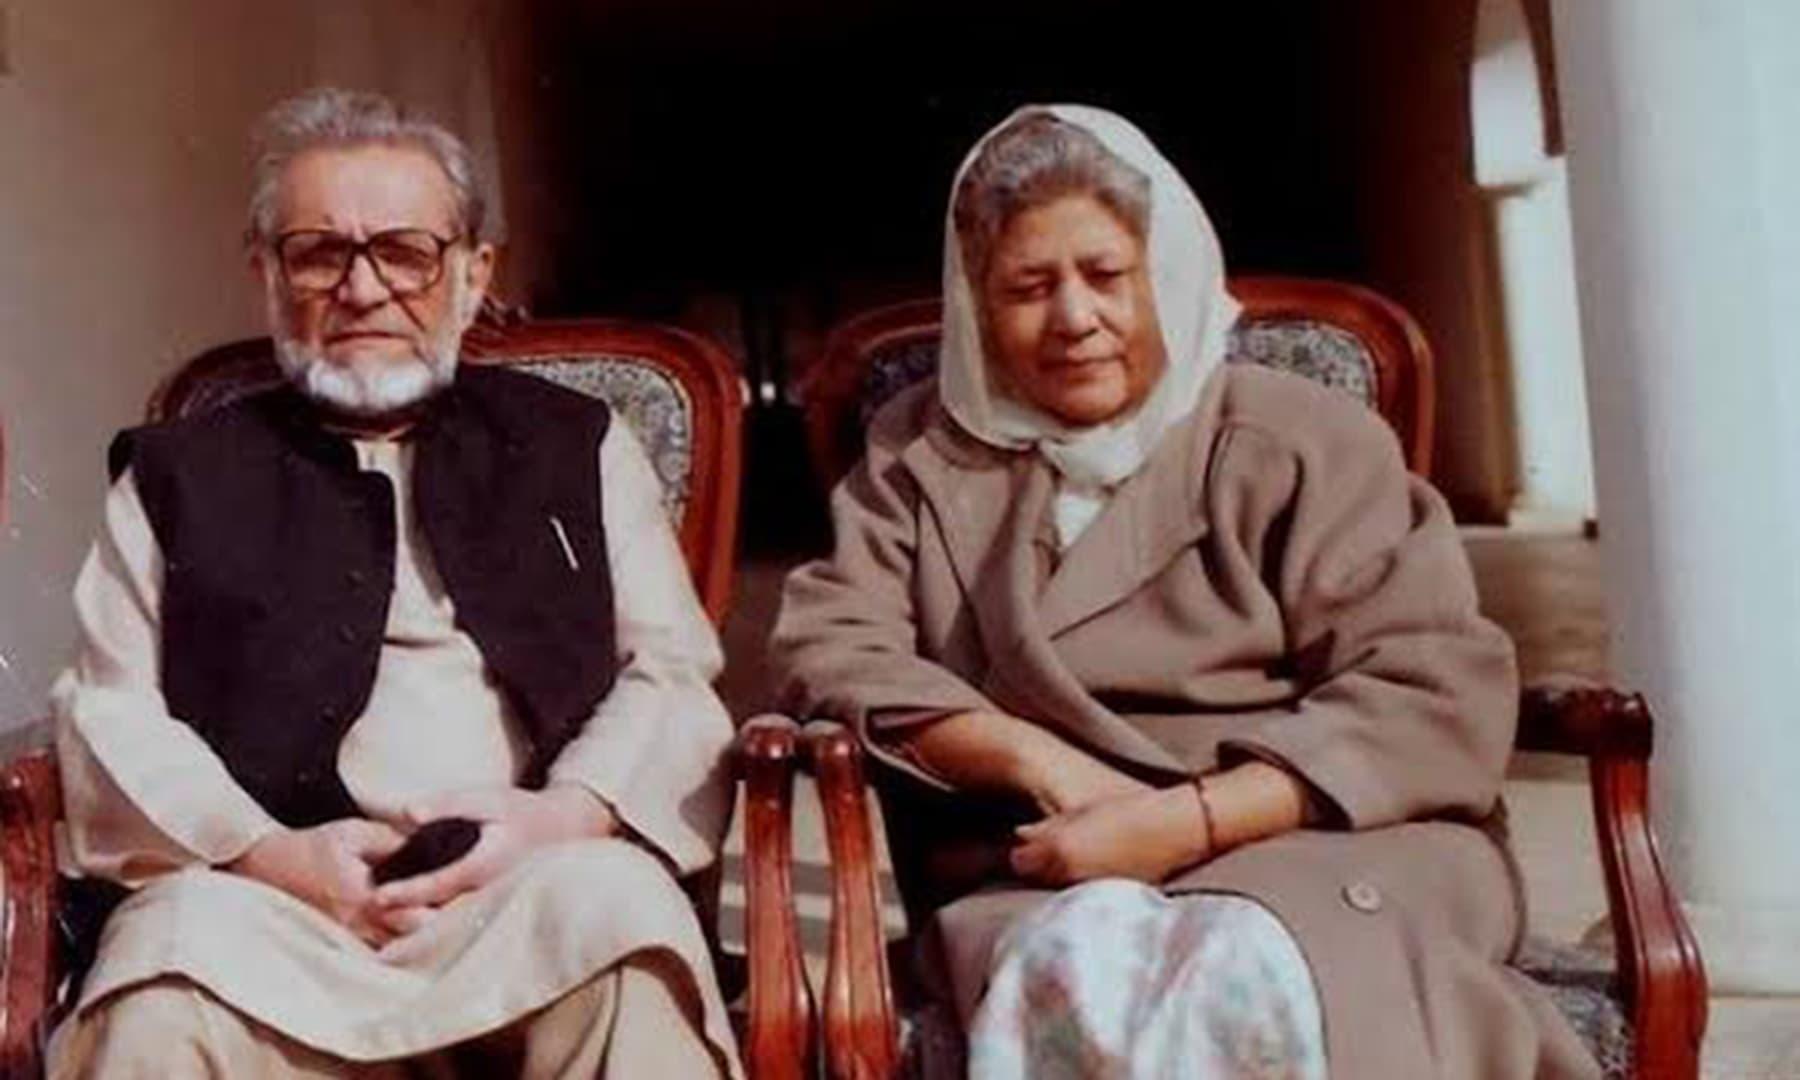 بانو قدسیہ اور اشفاق احمد نے اردو ادب کو کئی نایاب تخلیقات دیں—فائل فوٹو: ٹوئٹر